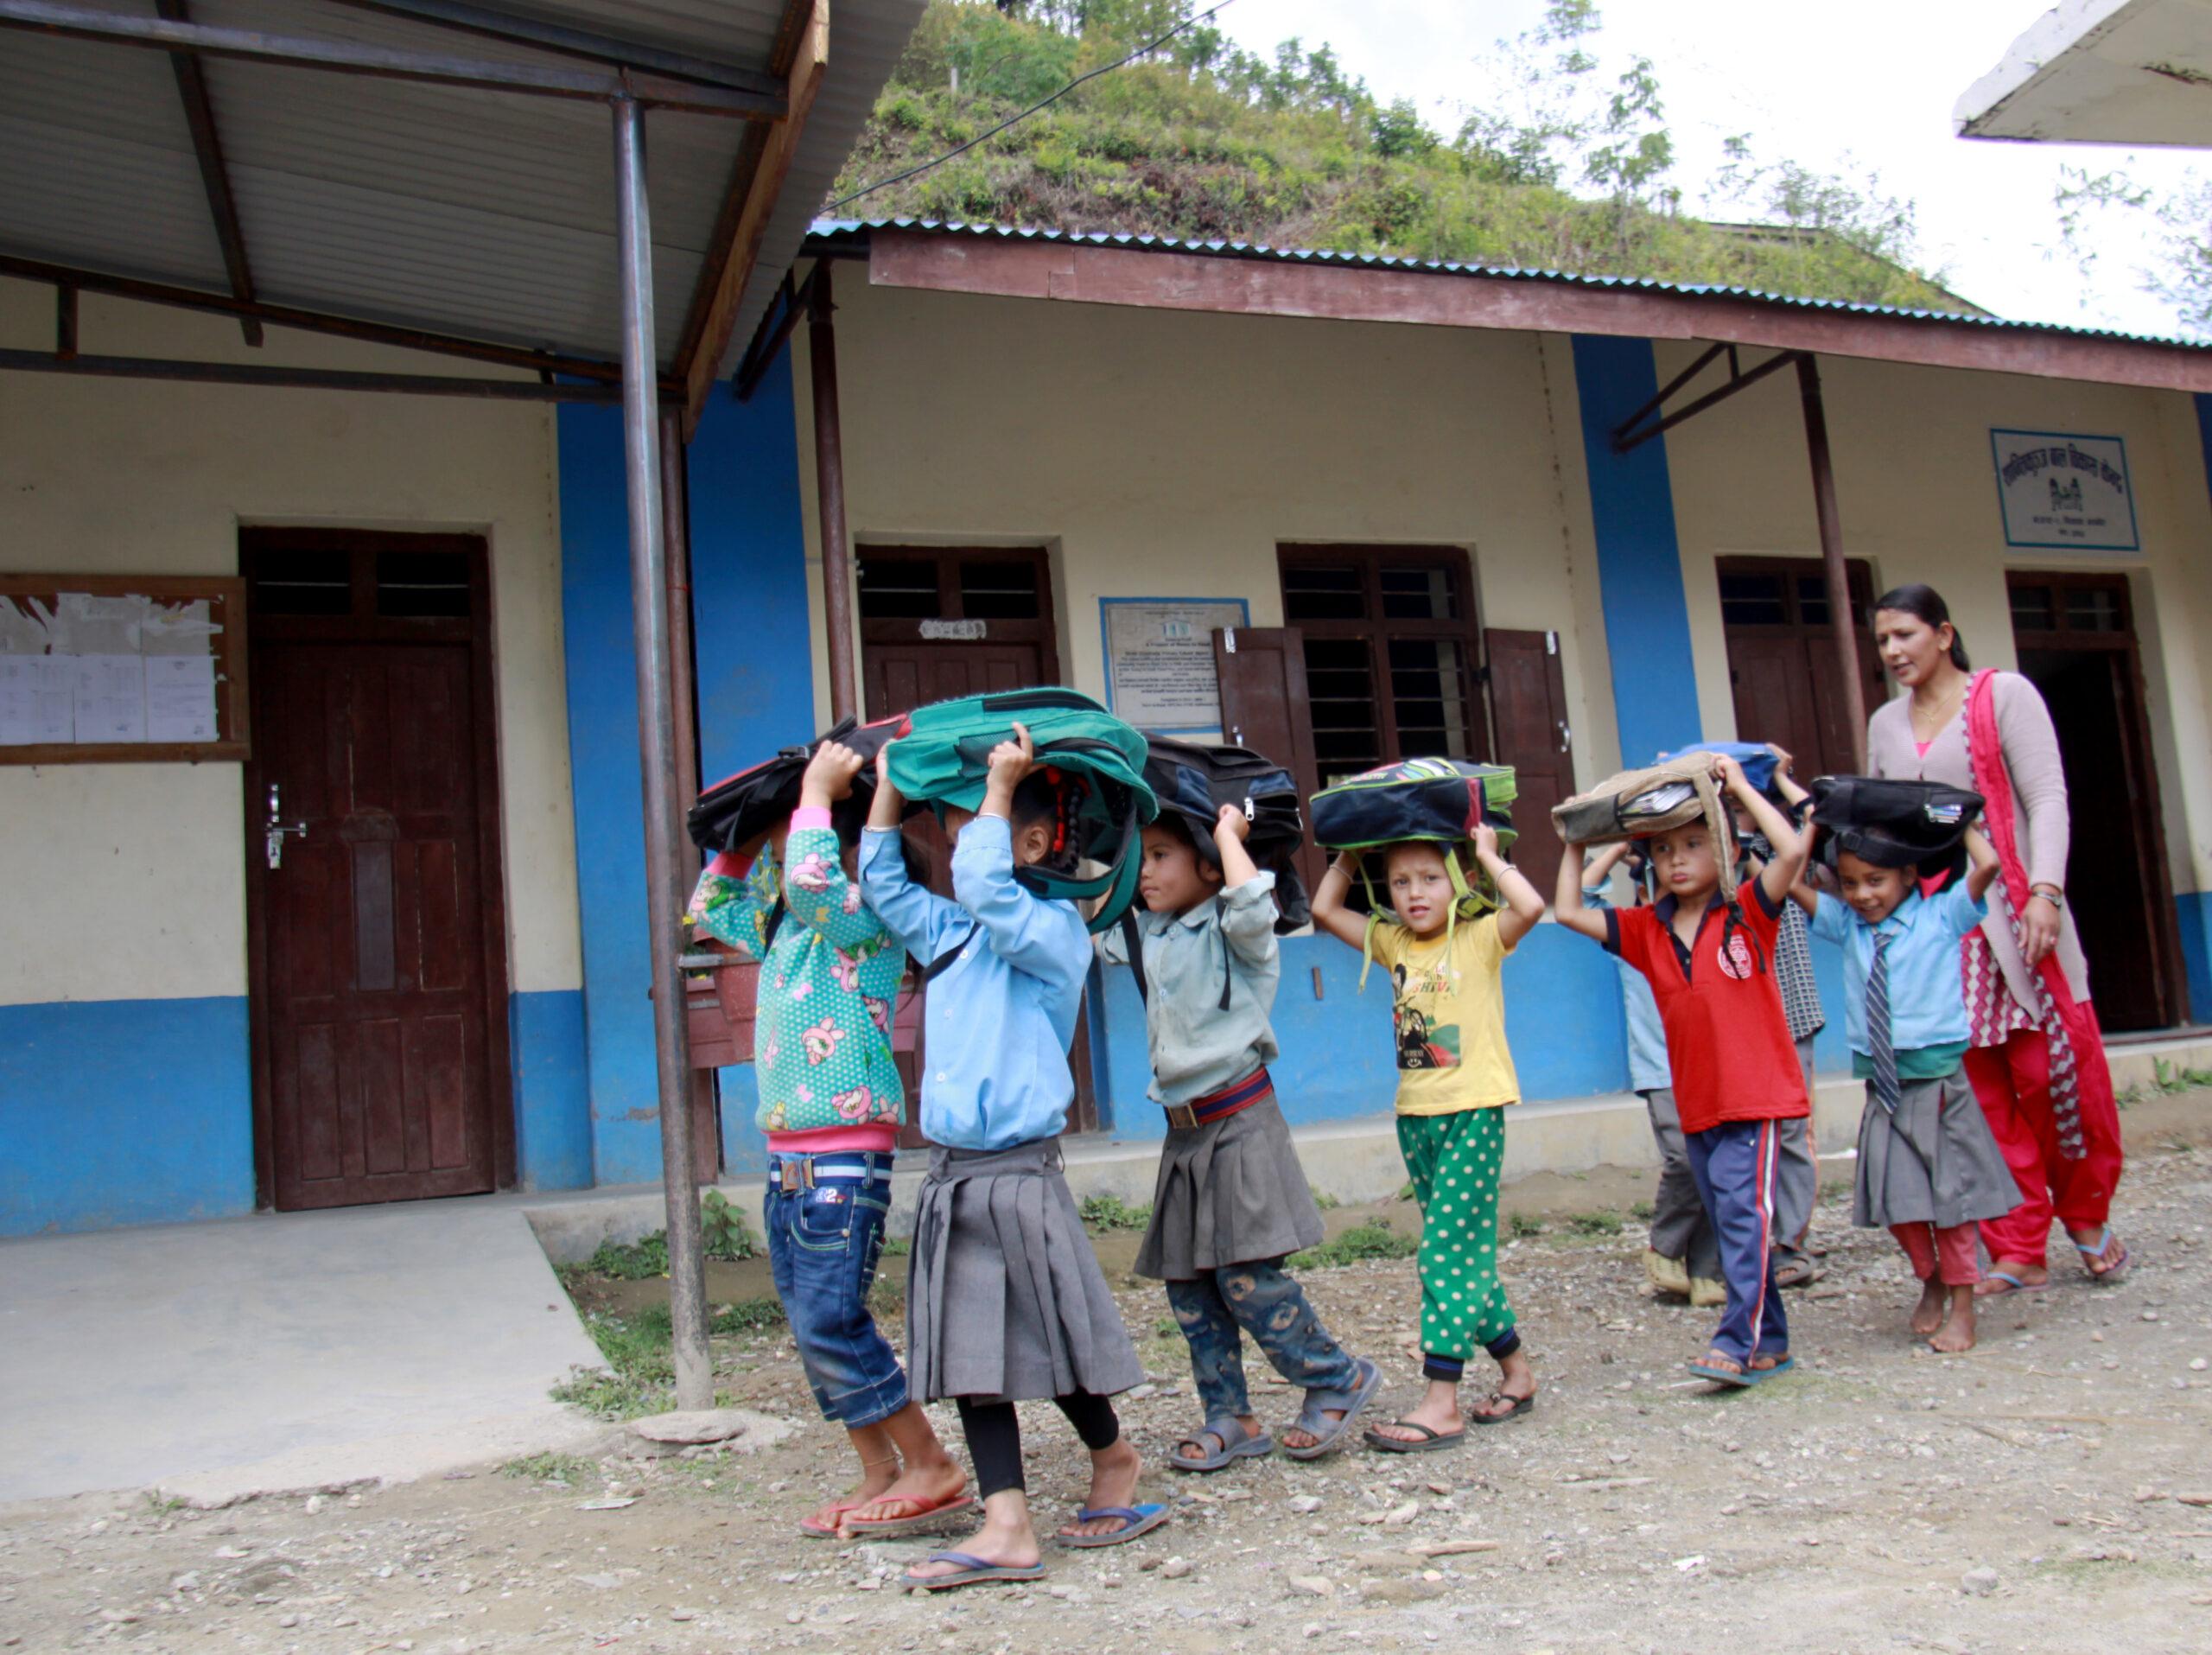 GNO0482_Lernen_Plan International_Bild stammt aus einem ähnlichen Plan-Projekt in Nepal_Bild2